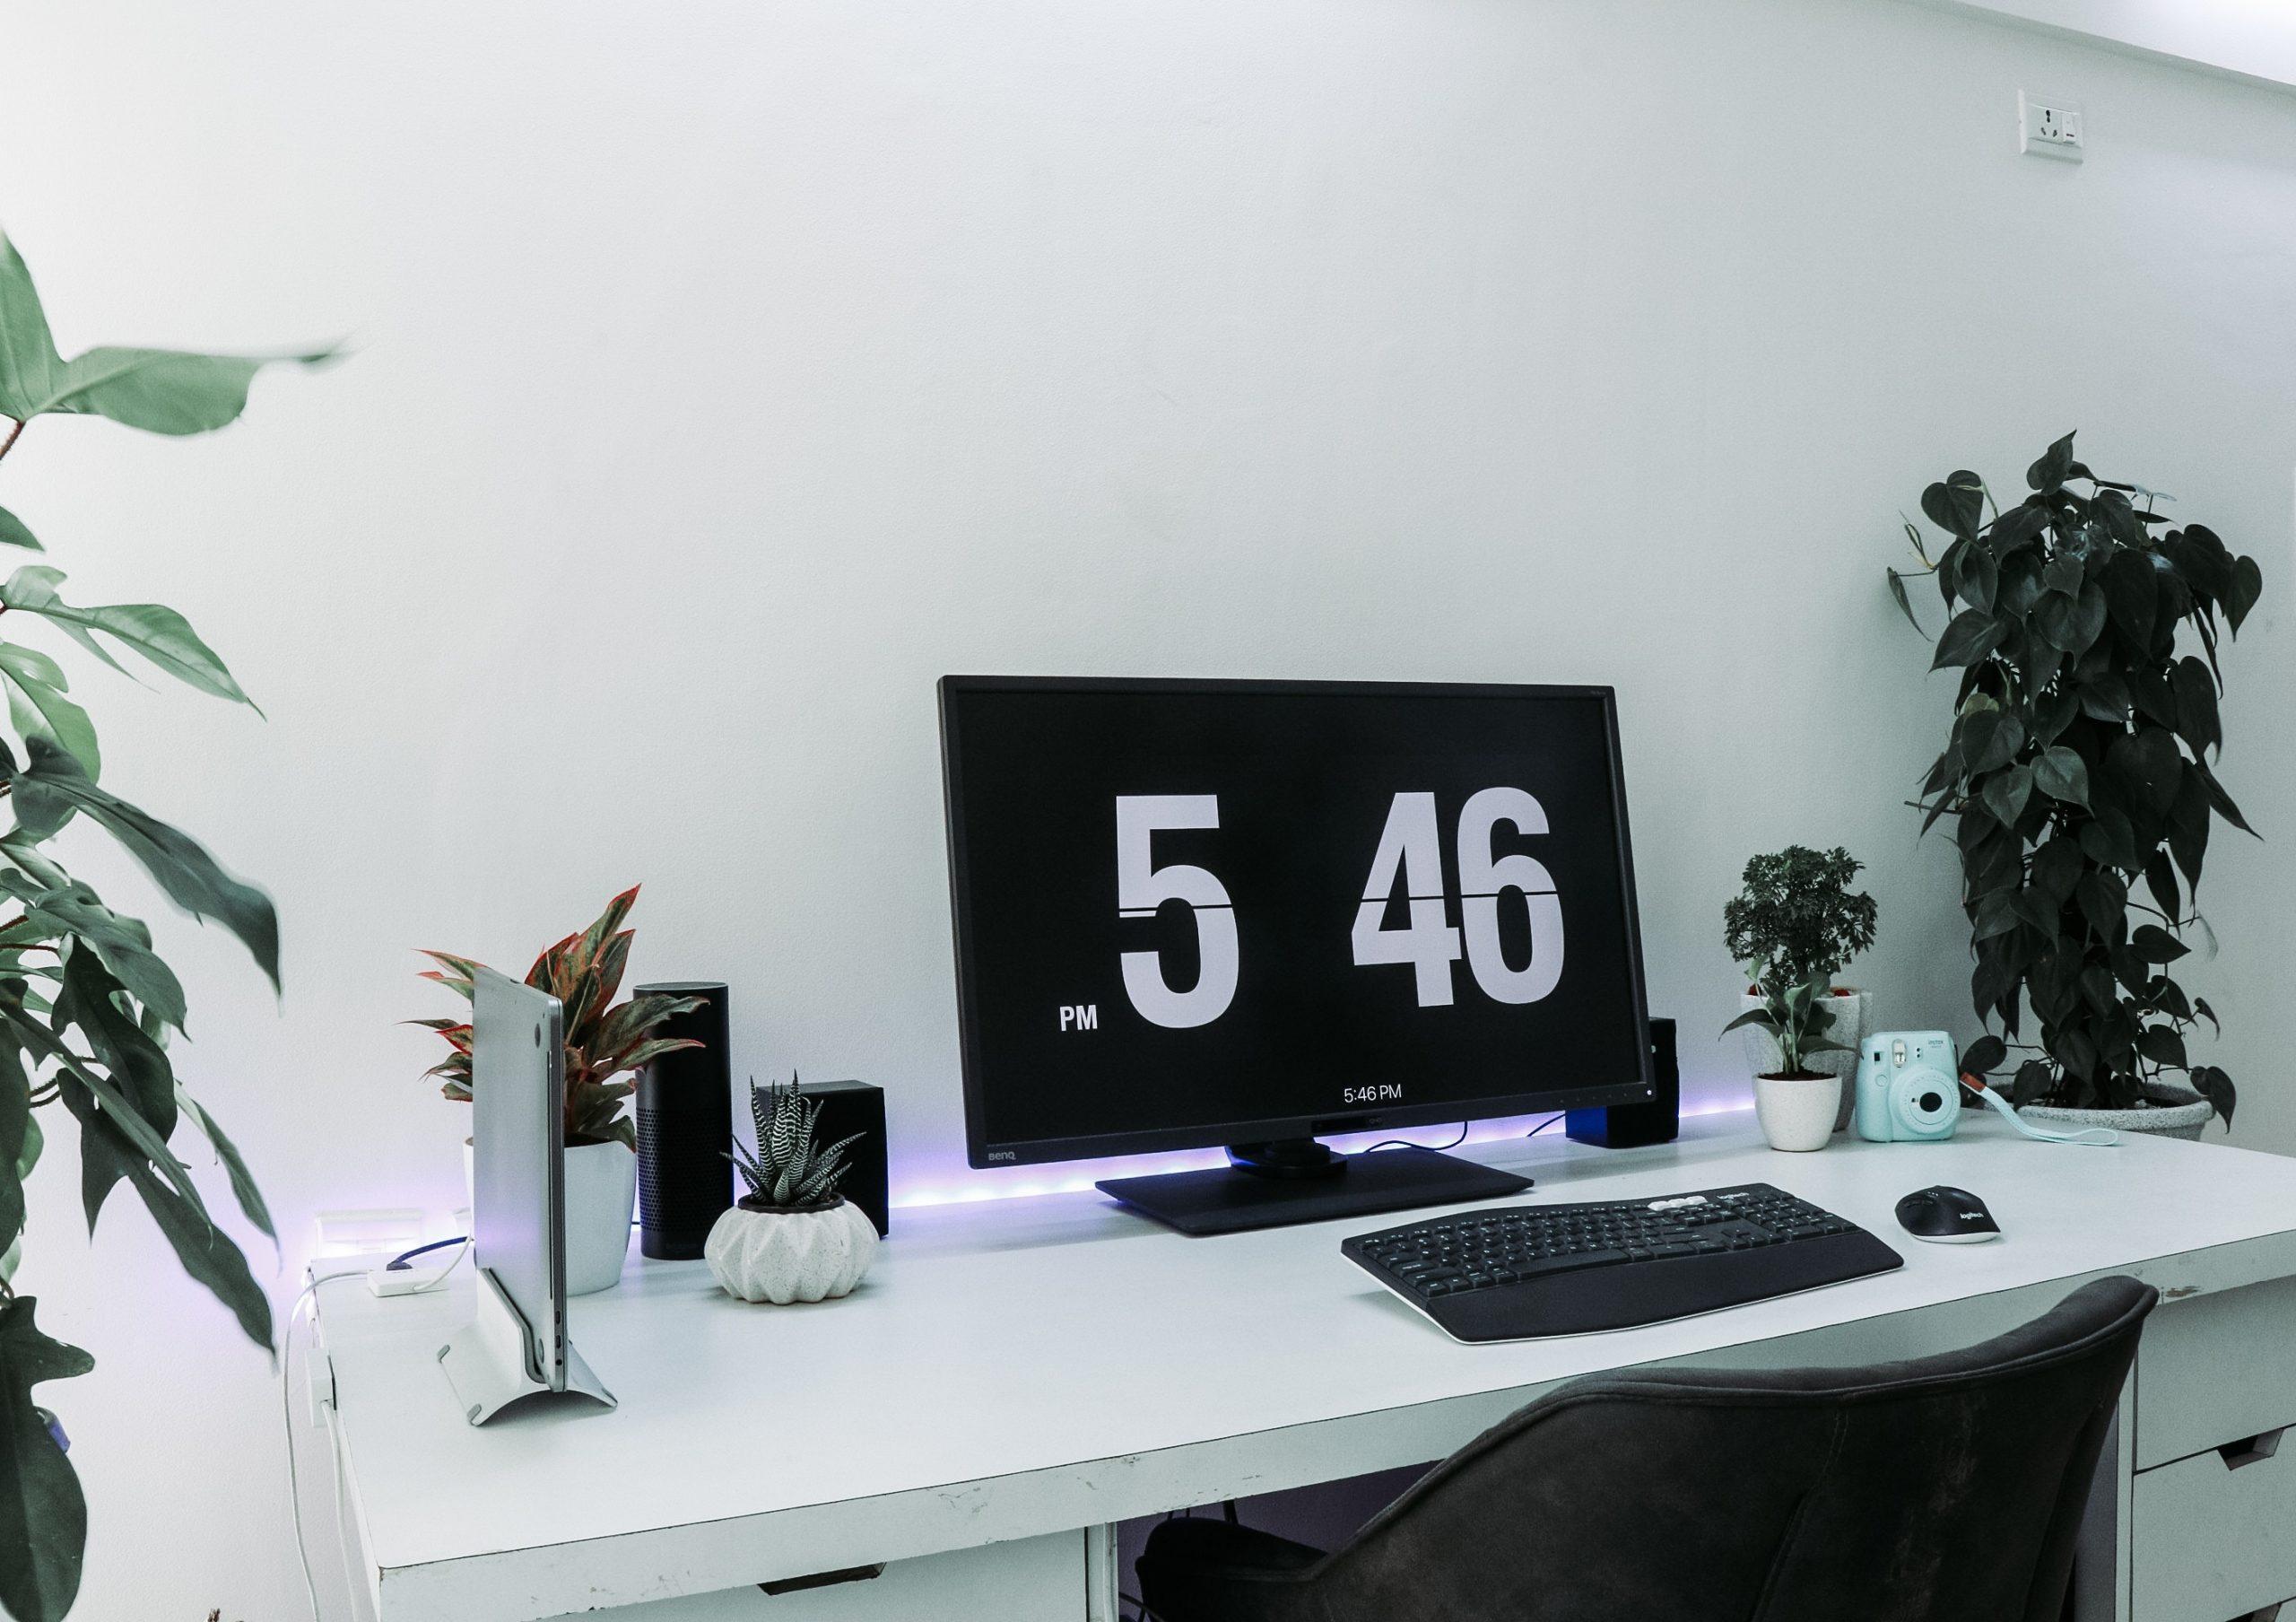 Computador mostrando o horário em um espaço de home office com plantas